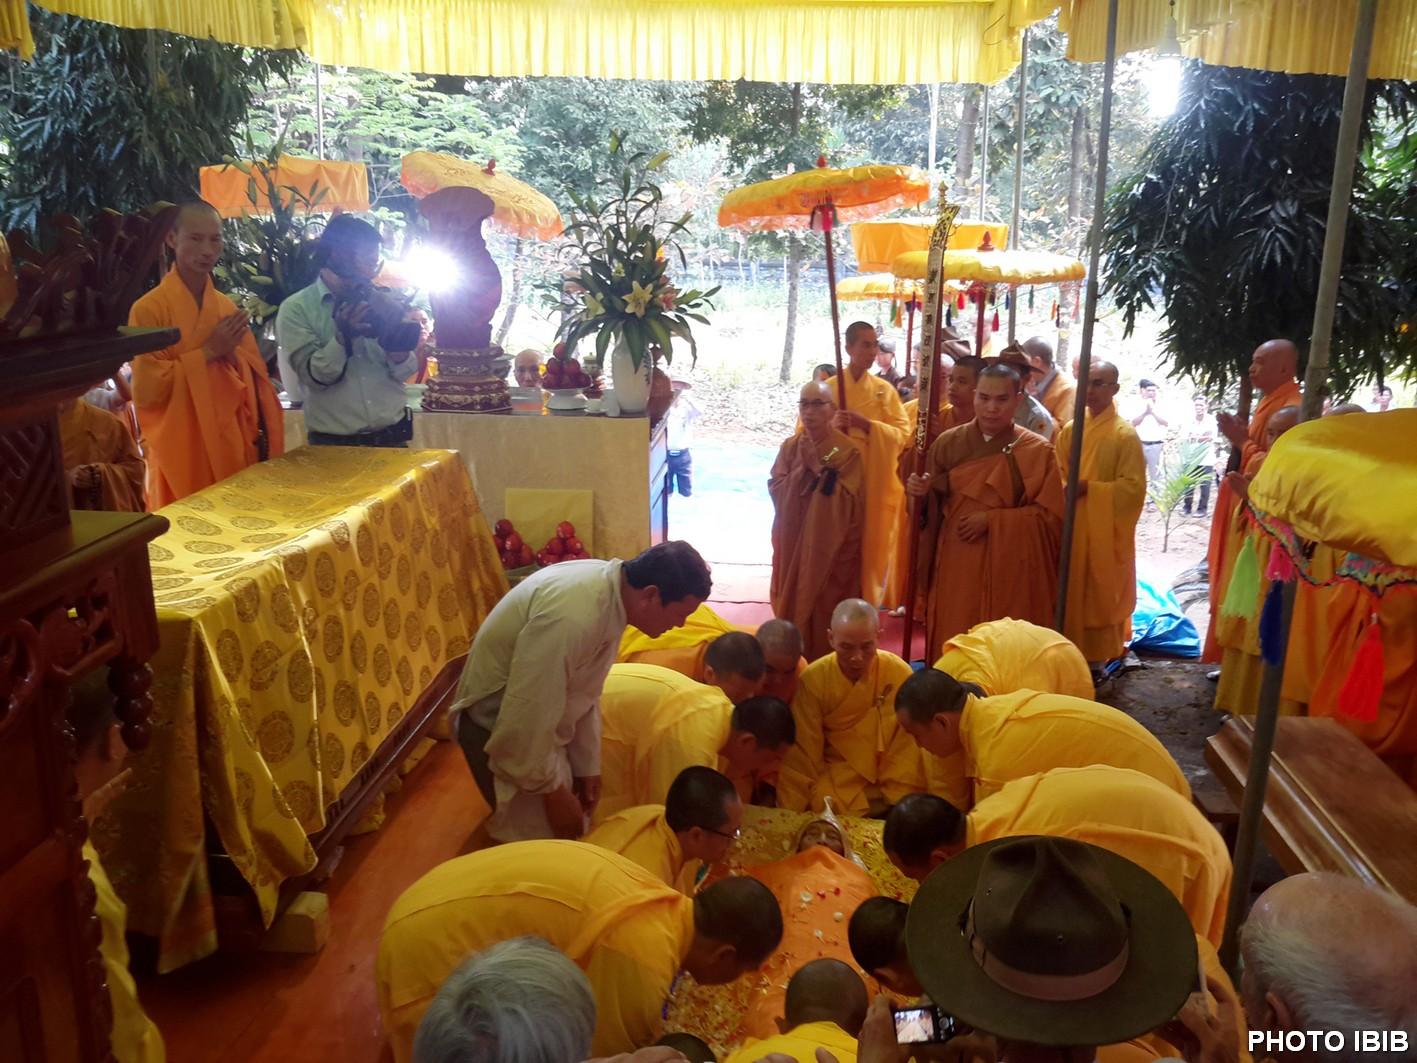 Chuẩn bị NHập quan tại lều bạt trước Bảo tháp nơi khuôn viên Tu viện Long Quang